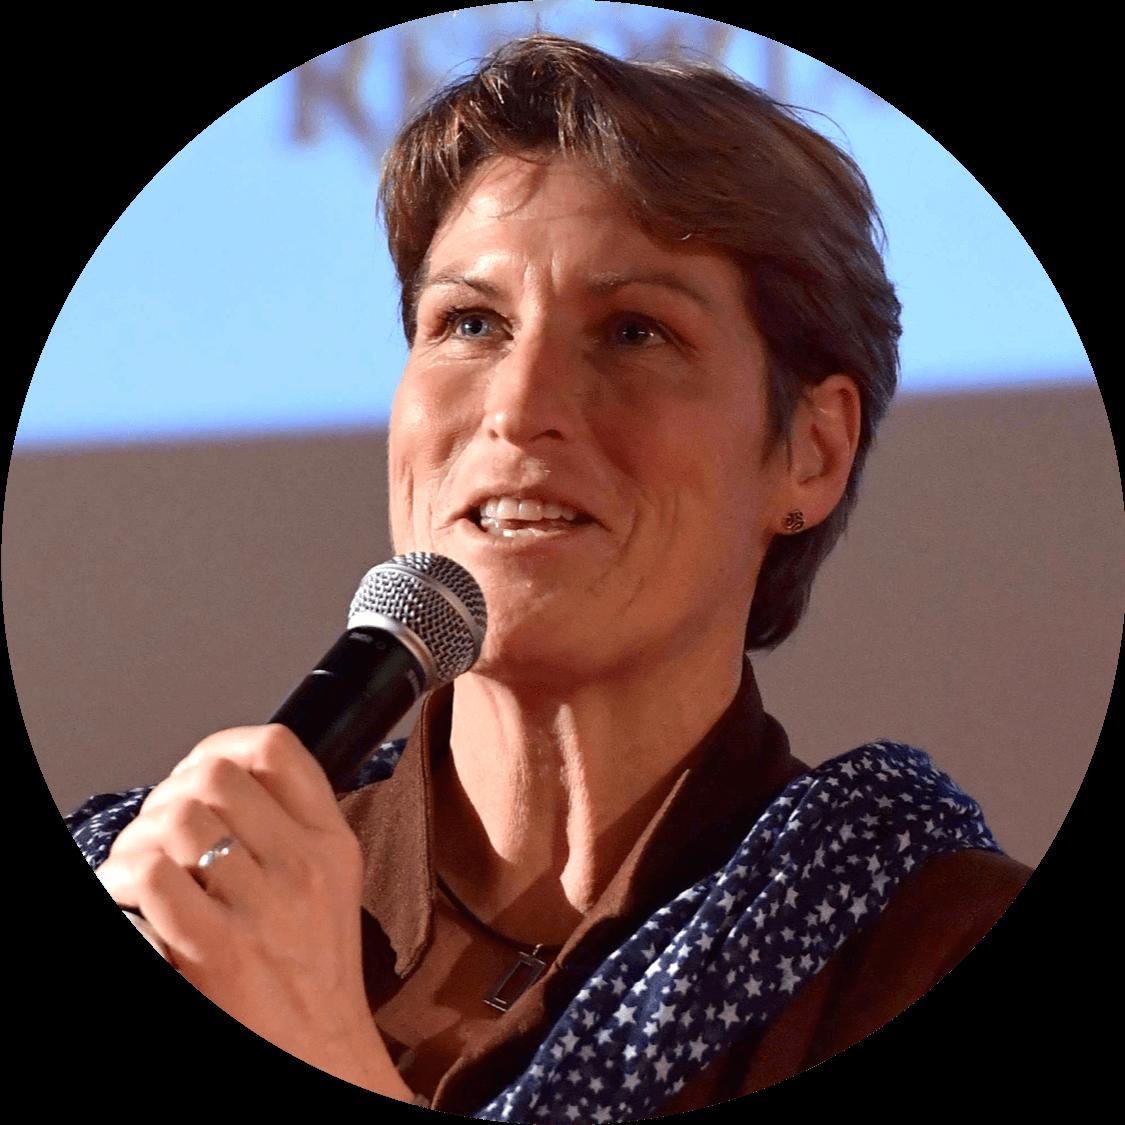 Conférencière sportive Anne Quéméré WeChamp